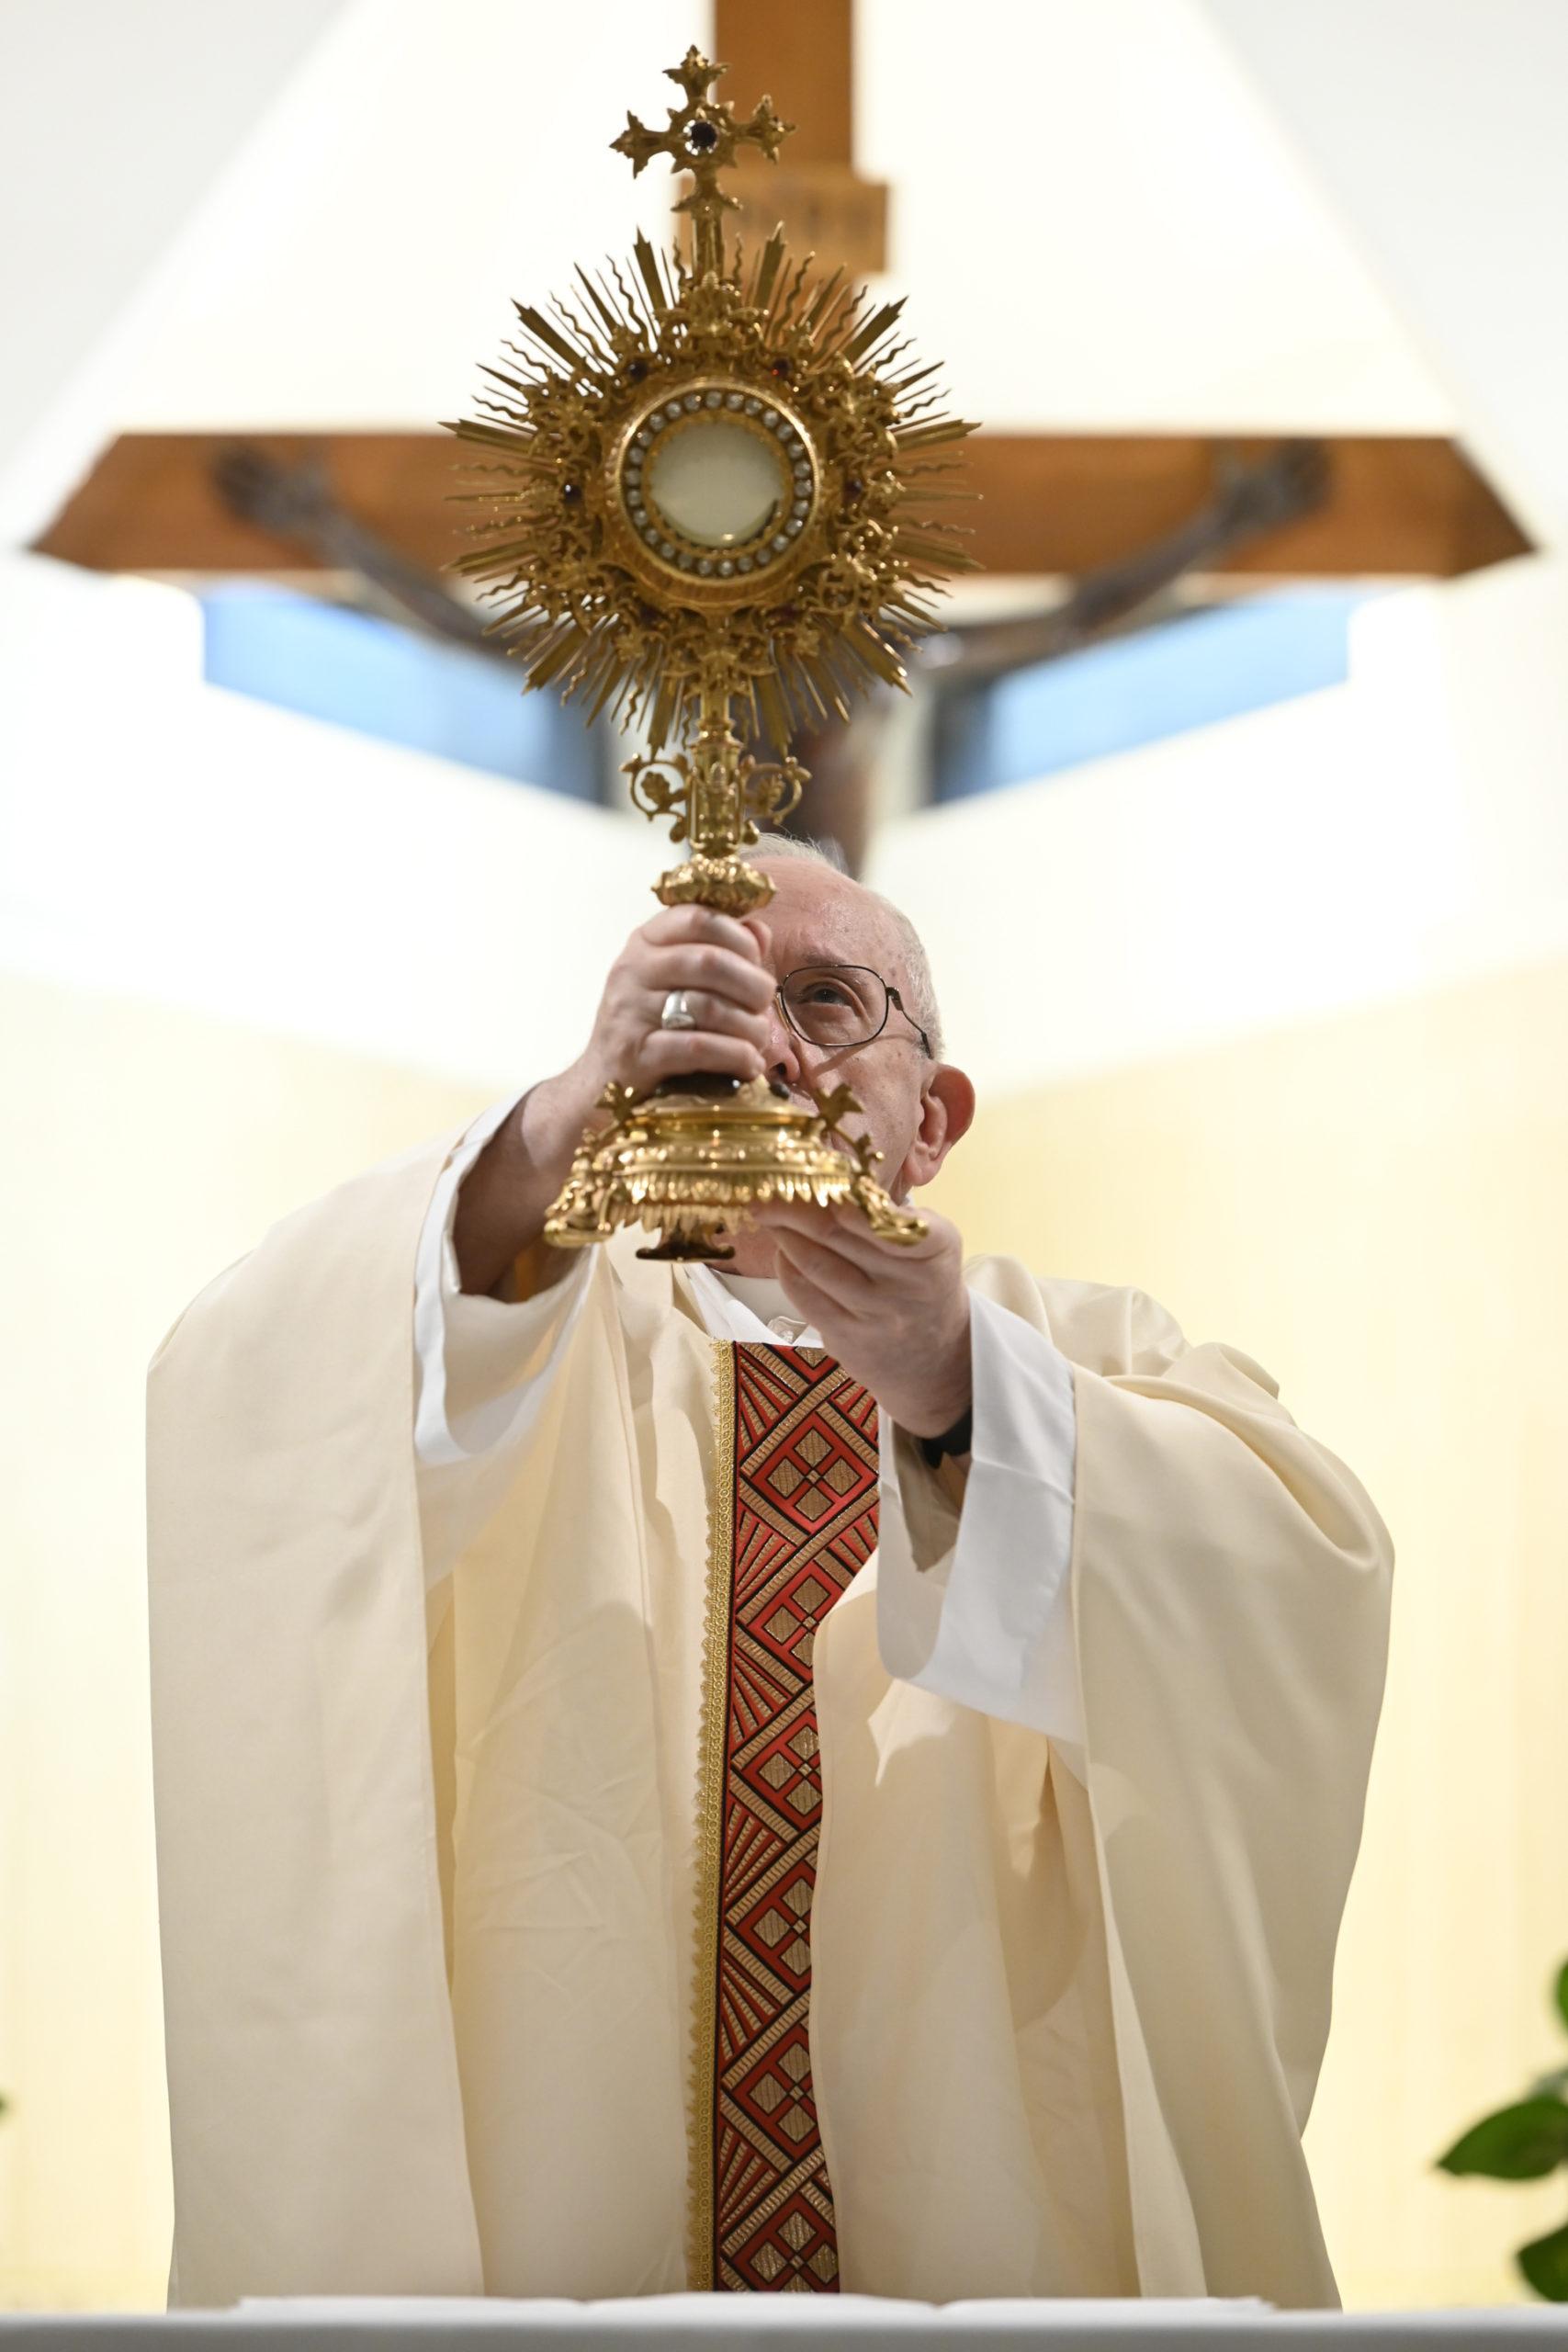 Messe à Sainte-Marthe, 21 avril 2020, @ Médias du Vatican